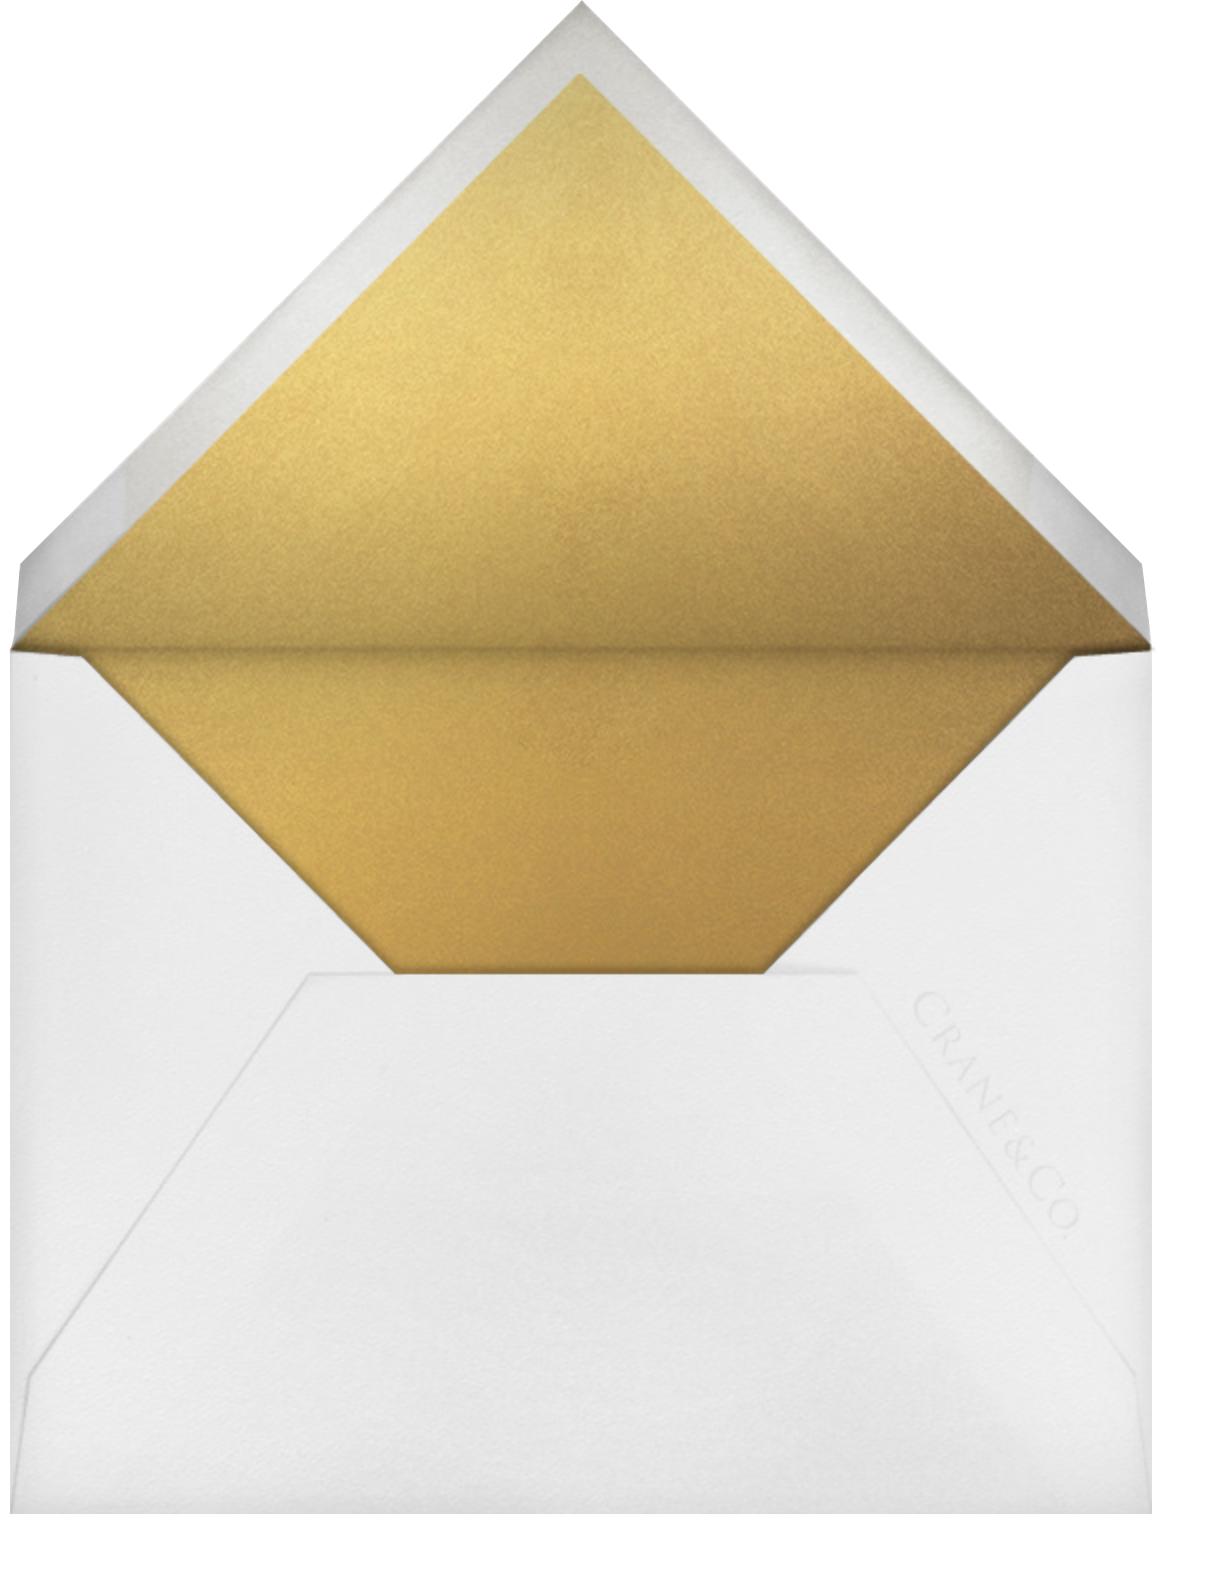 Cassandre (Invitation) - Paperless Post - All - envelope back